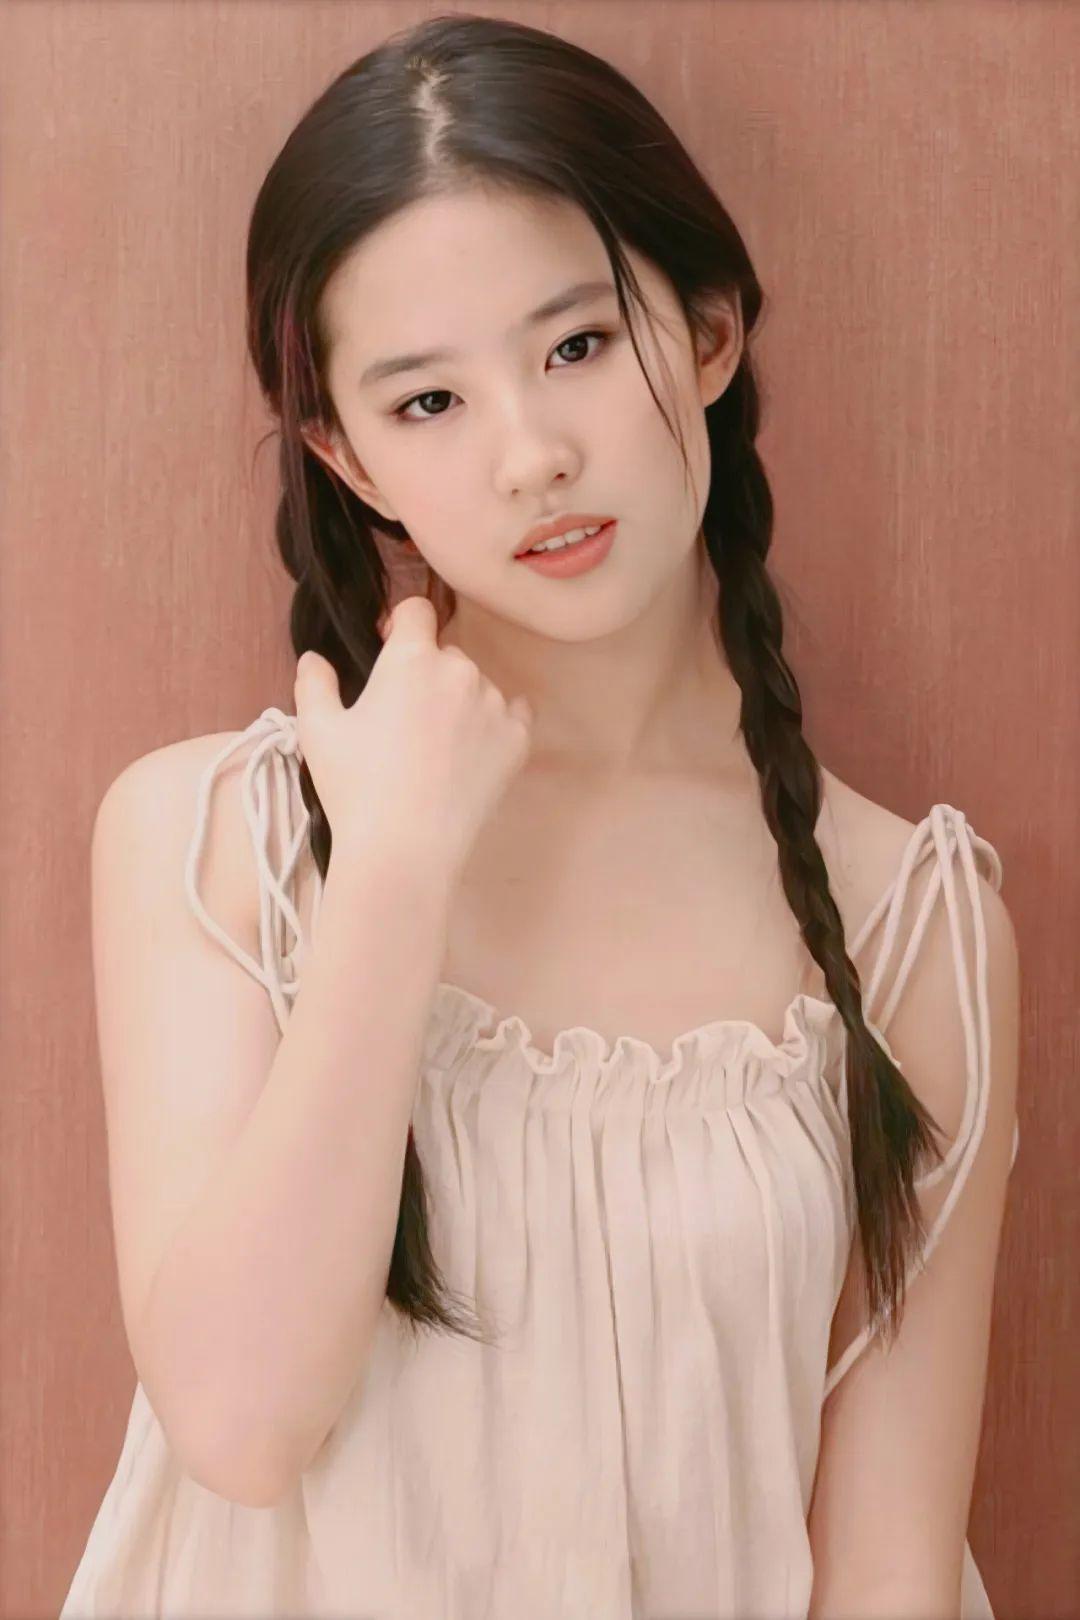 刘亦菲18岁写真,麻花辫眼若秋水,面若桃花,极致动人!_图片 No.1